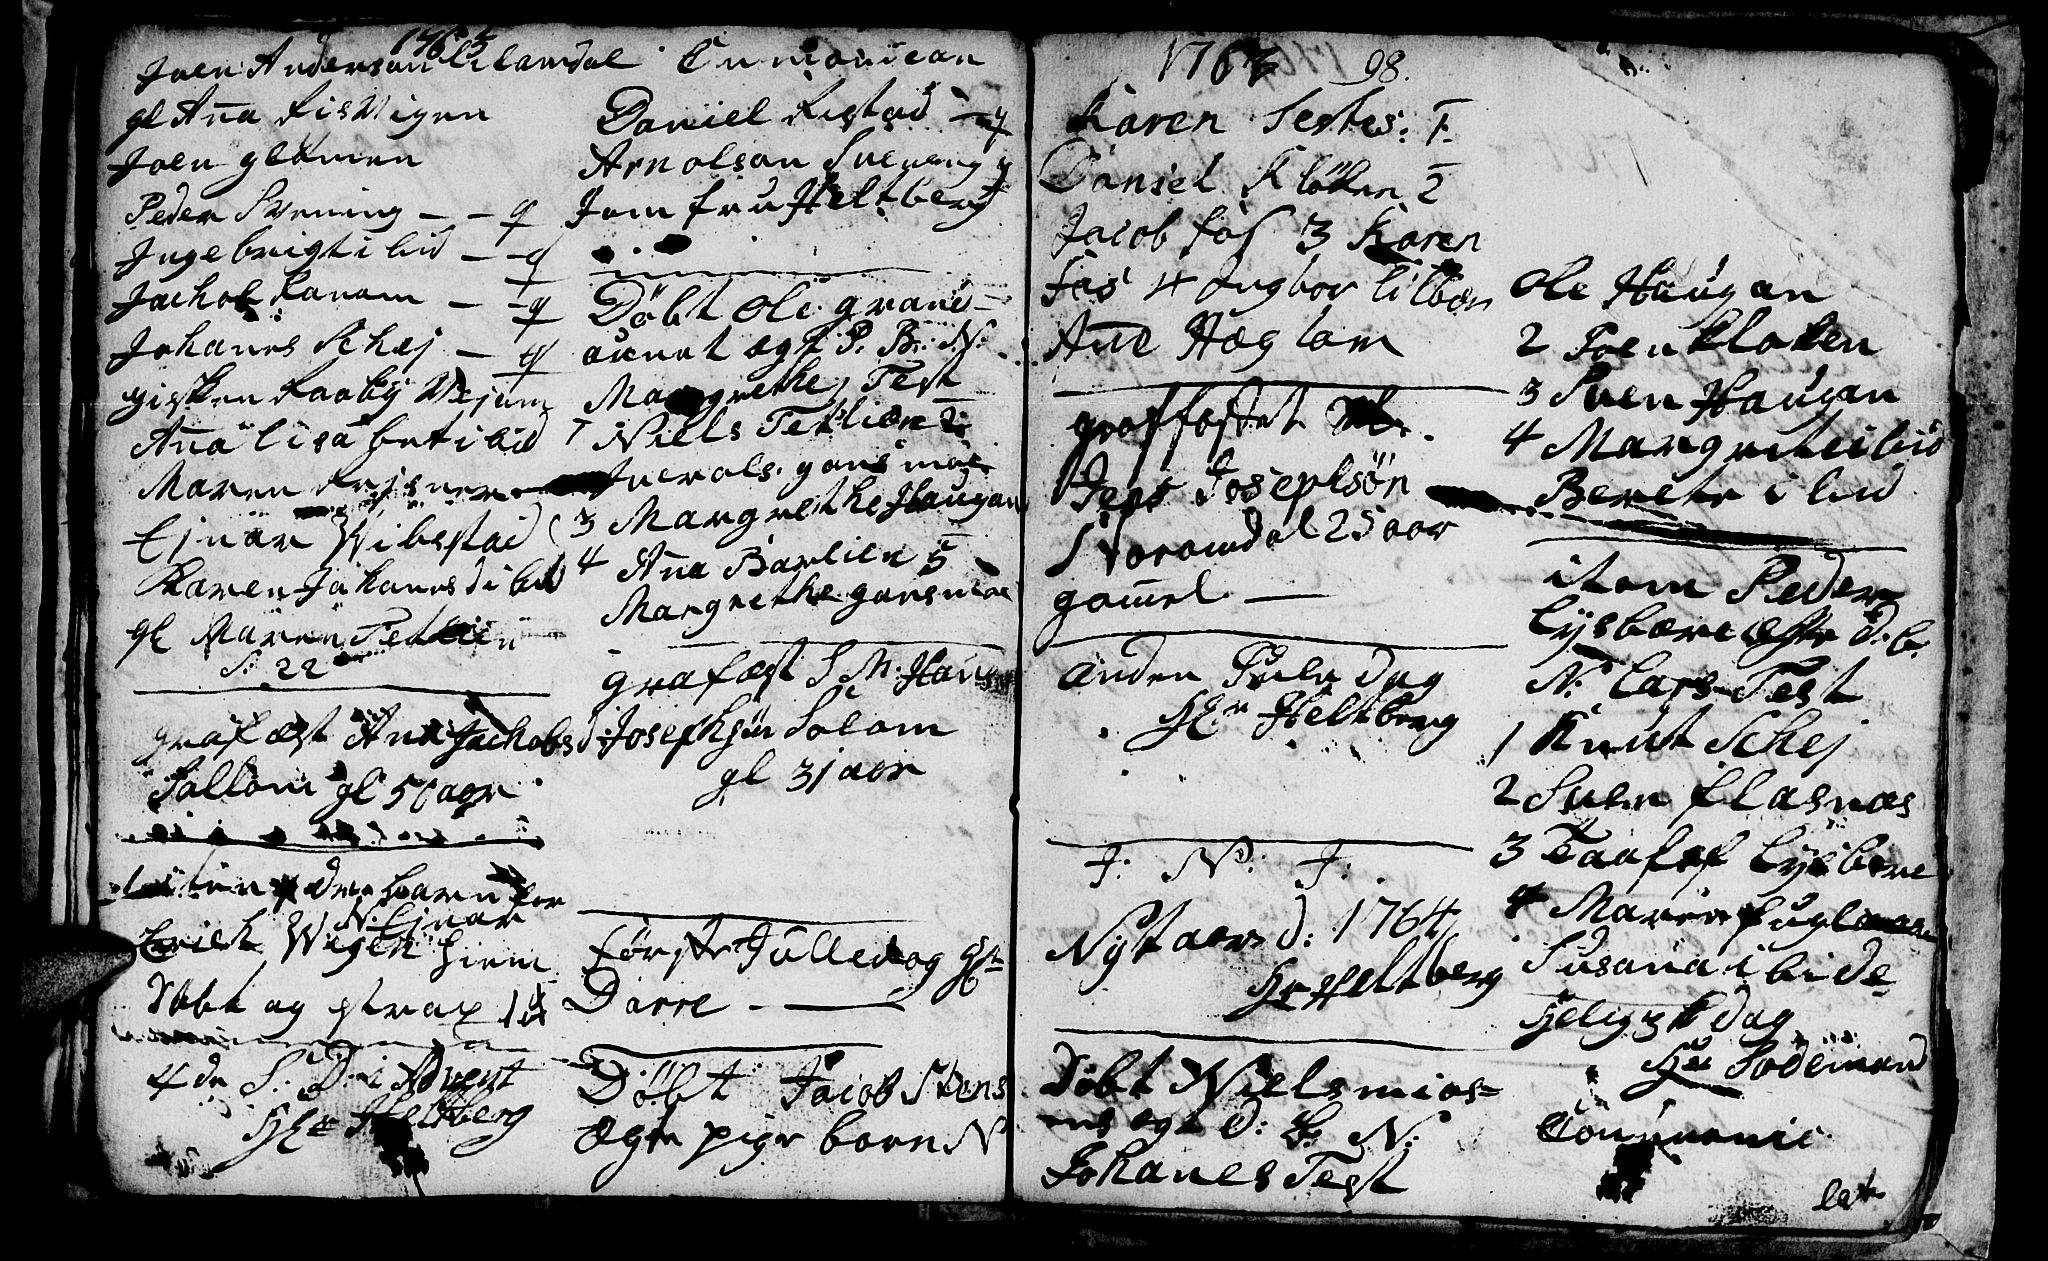 SAT, Ministerialprotokoller, klokkerbøker og fødselsregistre - Nord-Trøndelag, 764/L0543: Ministerialbok nr. 764A03, 1758-1765, s. 98